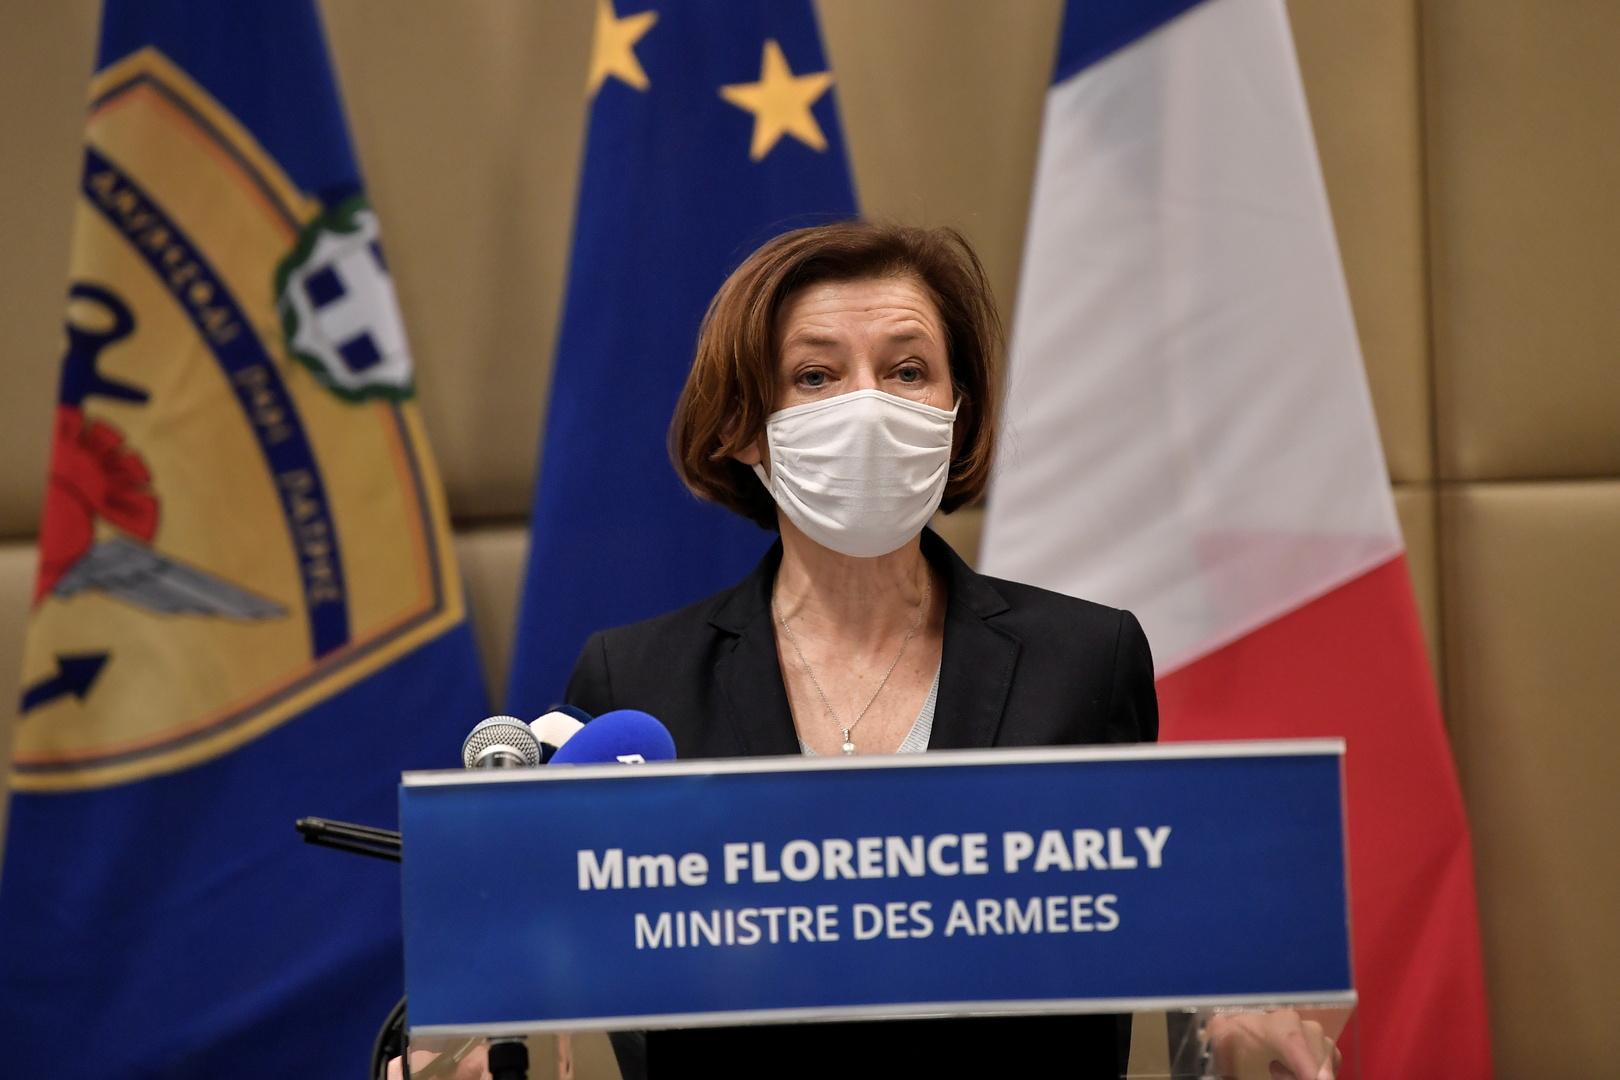 وزيرة الدفاع الفرنسية تناقش قضية